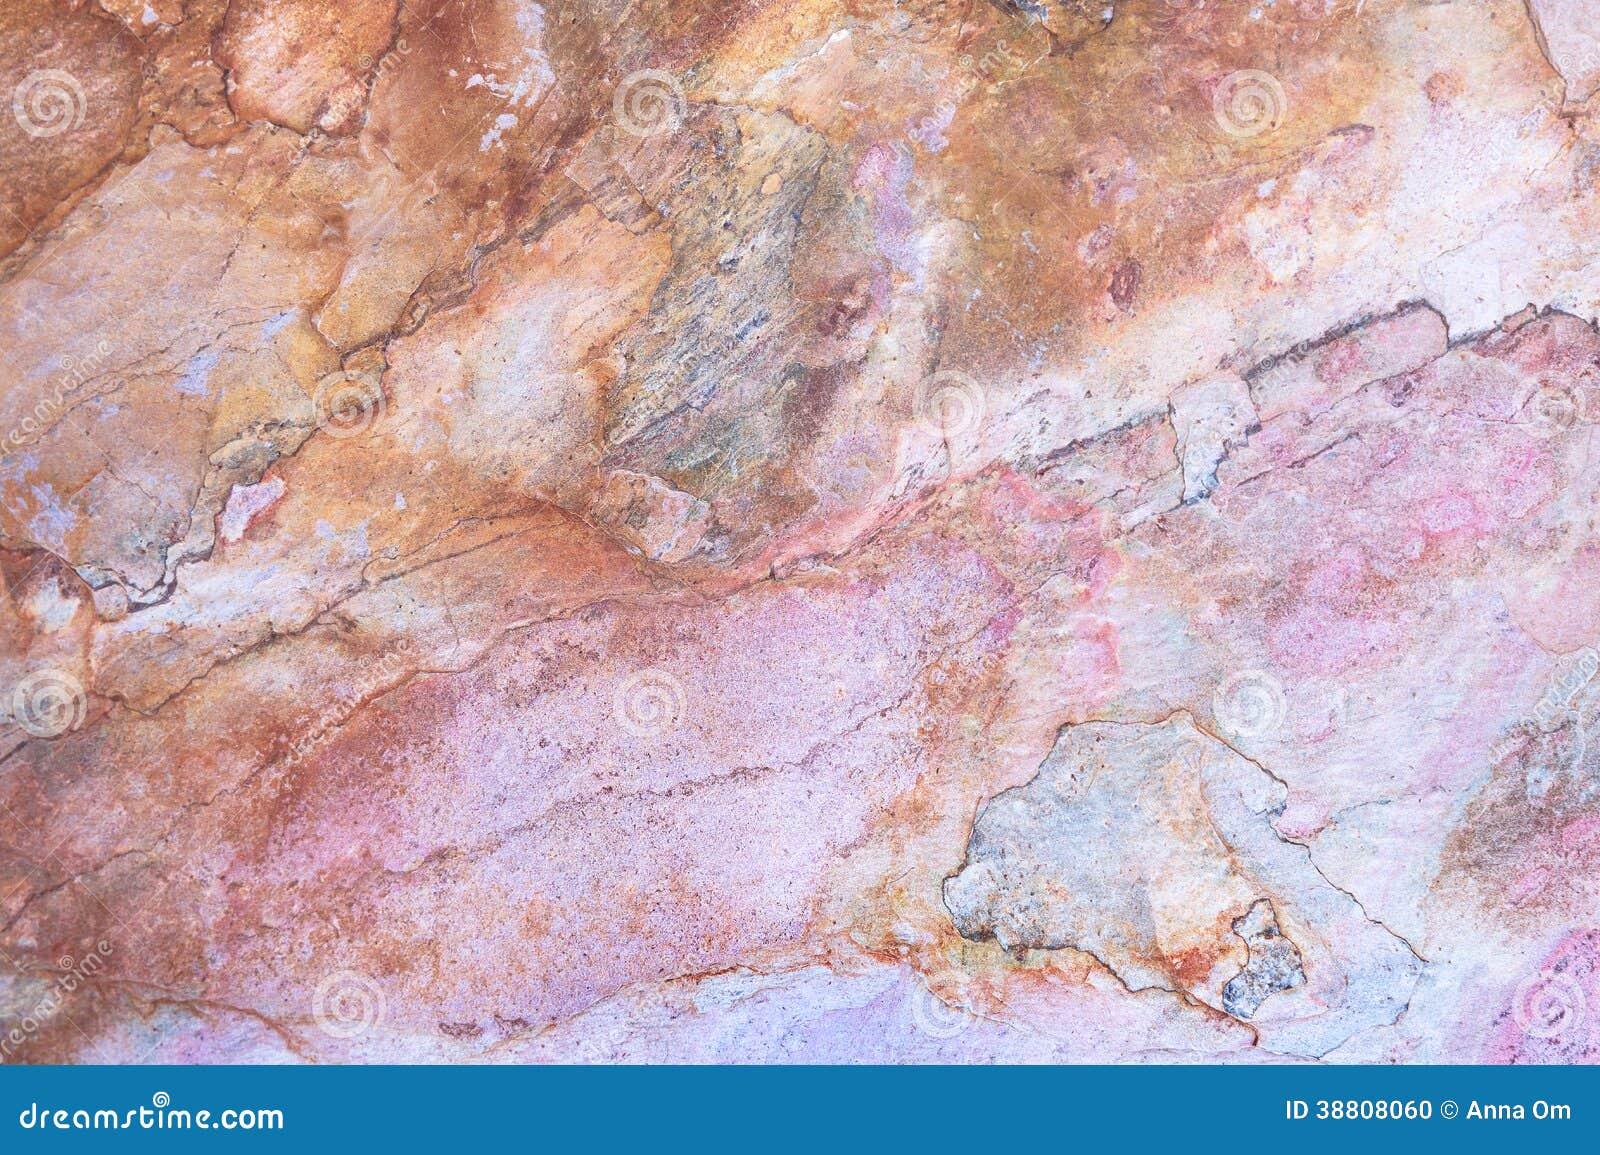 Marble Background Stock Photo Image 38808060